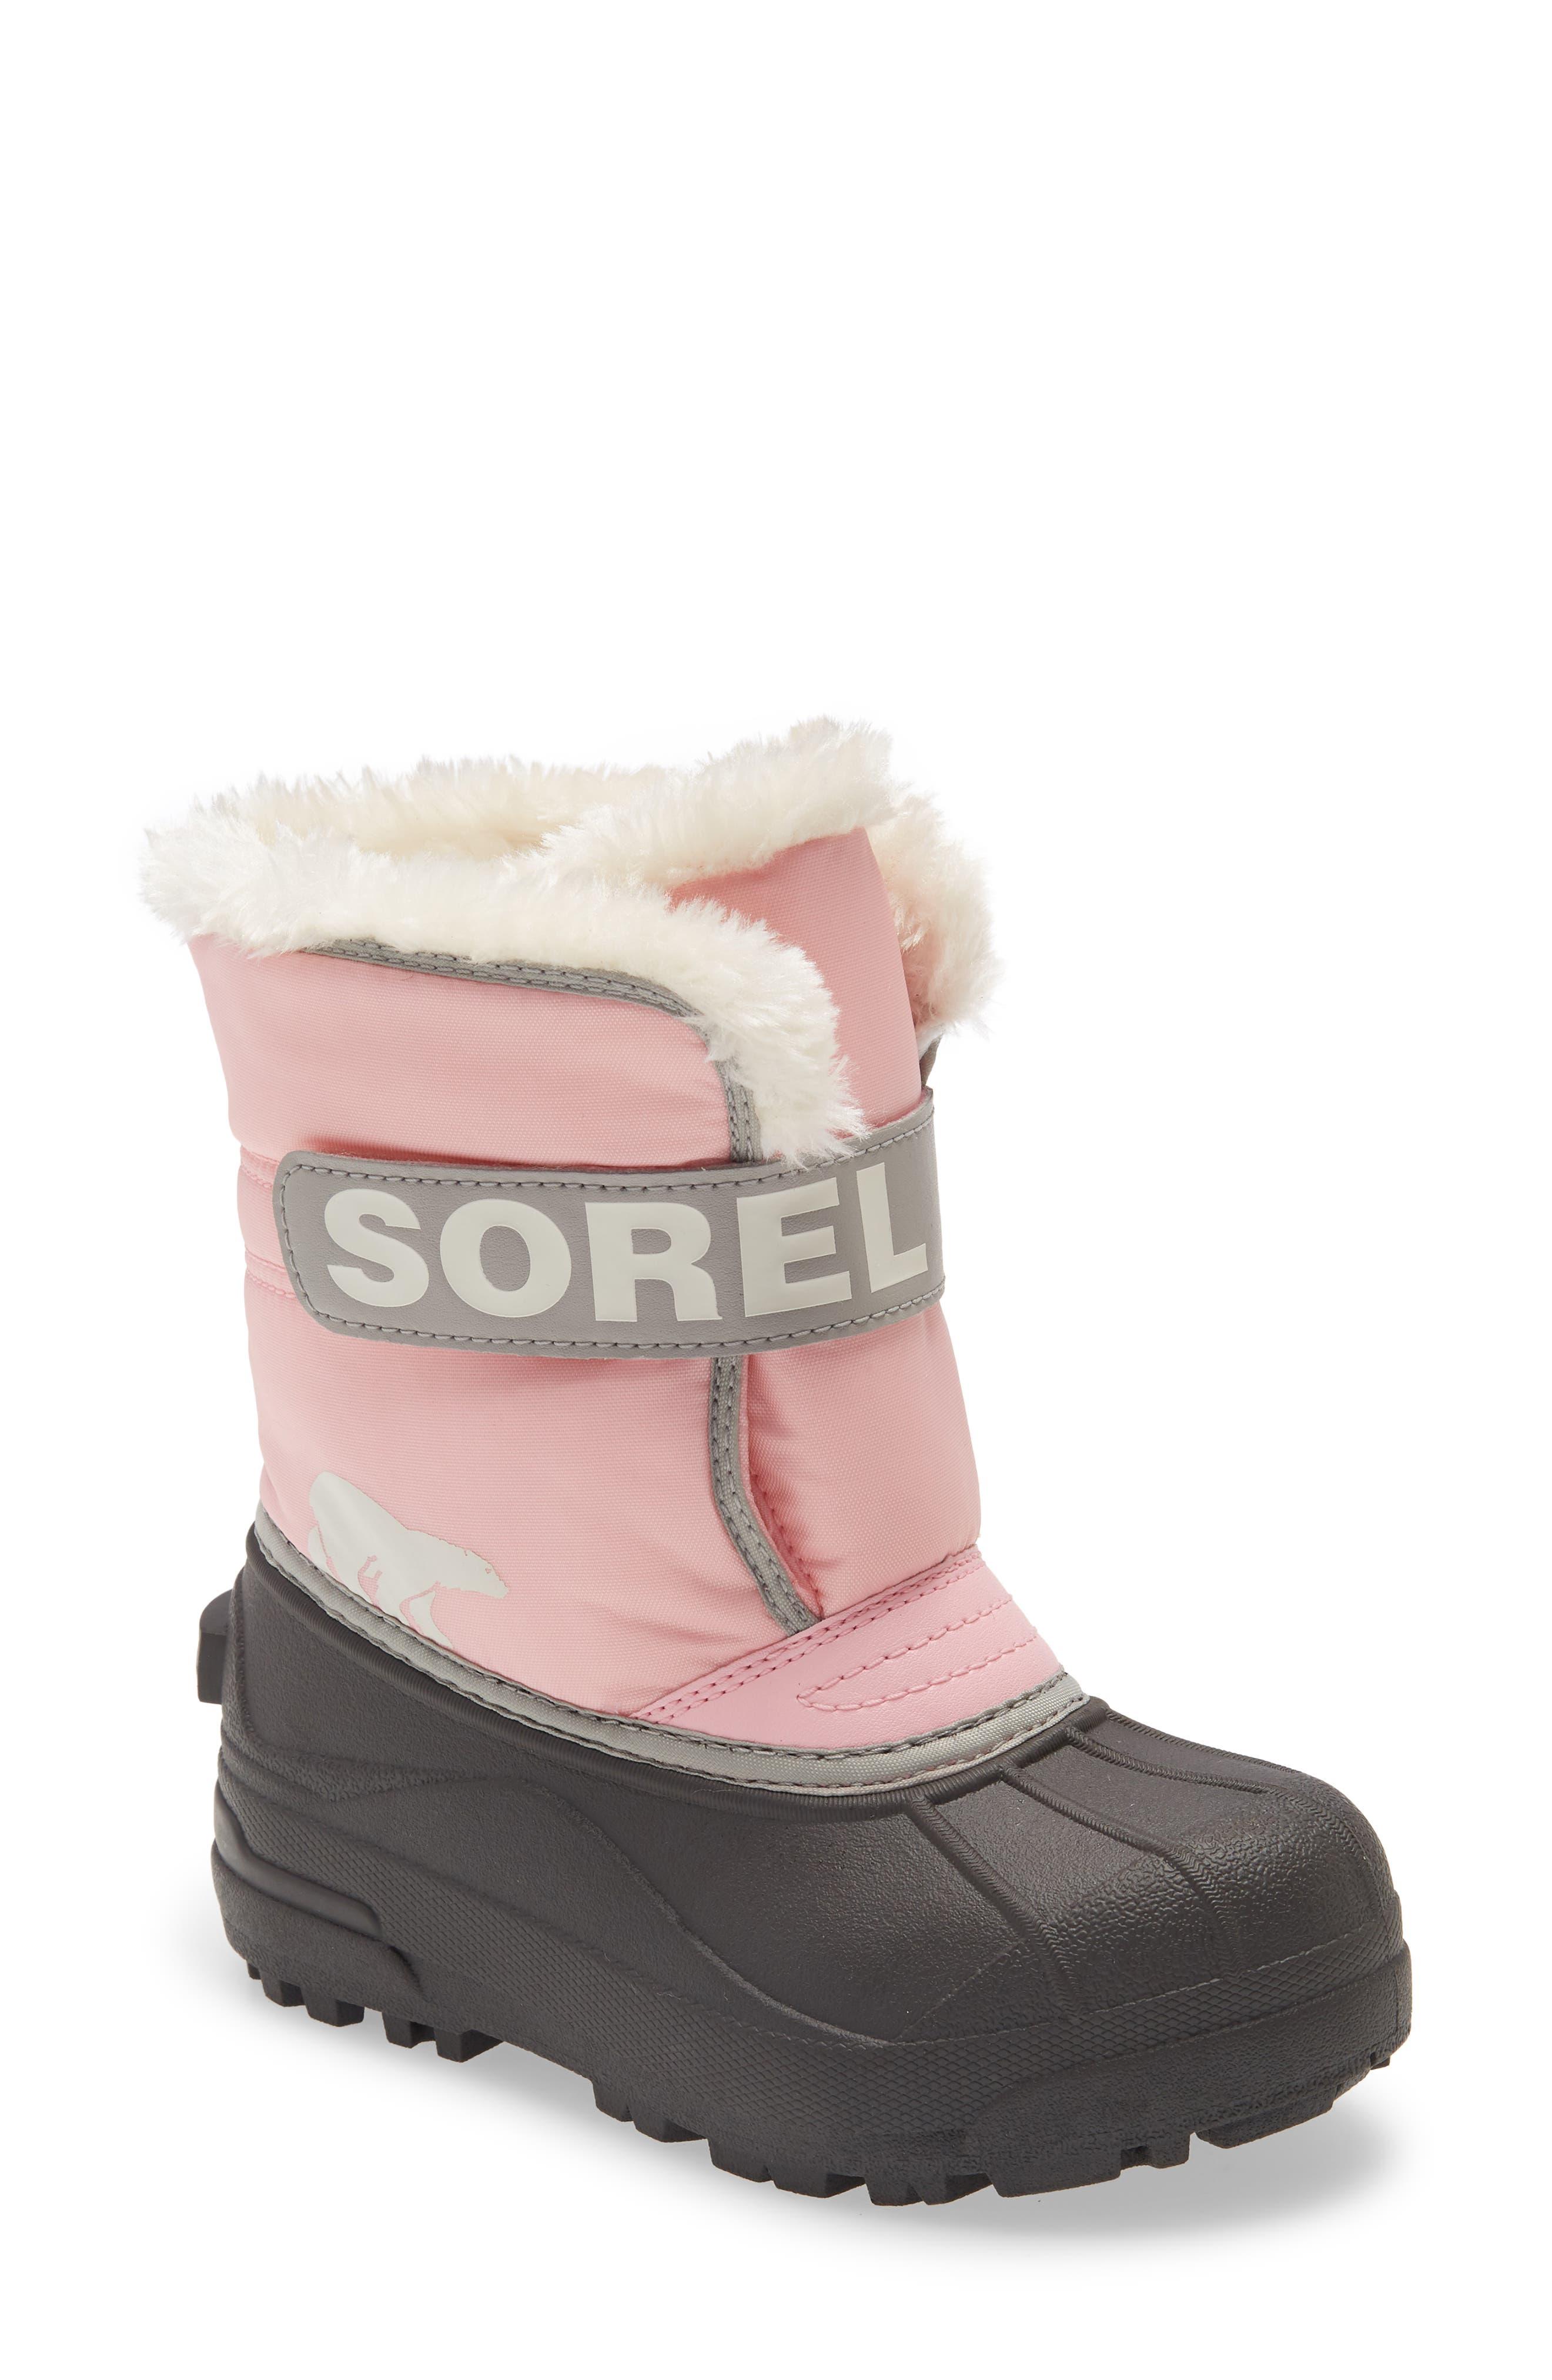 SOREL Snow Commander Insulated Waterproof Boot (Toddler & Little Kid) | Nordstrom